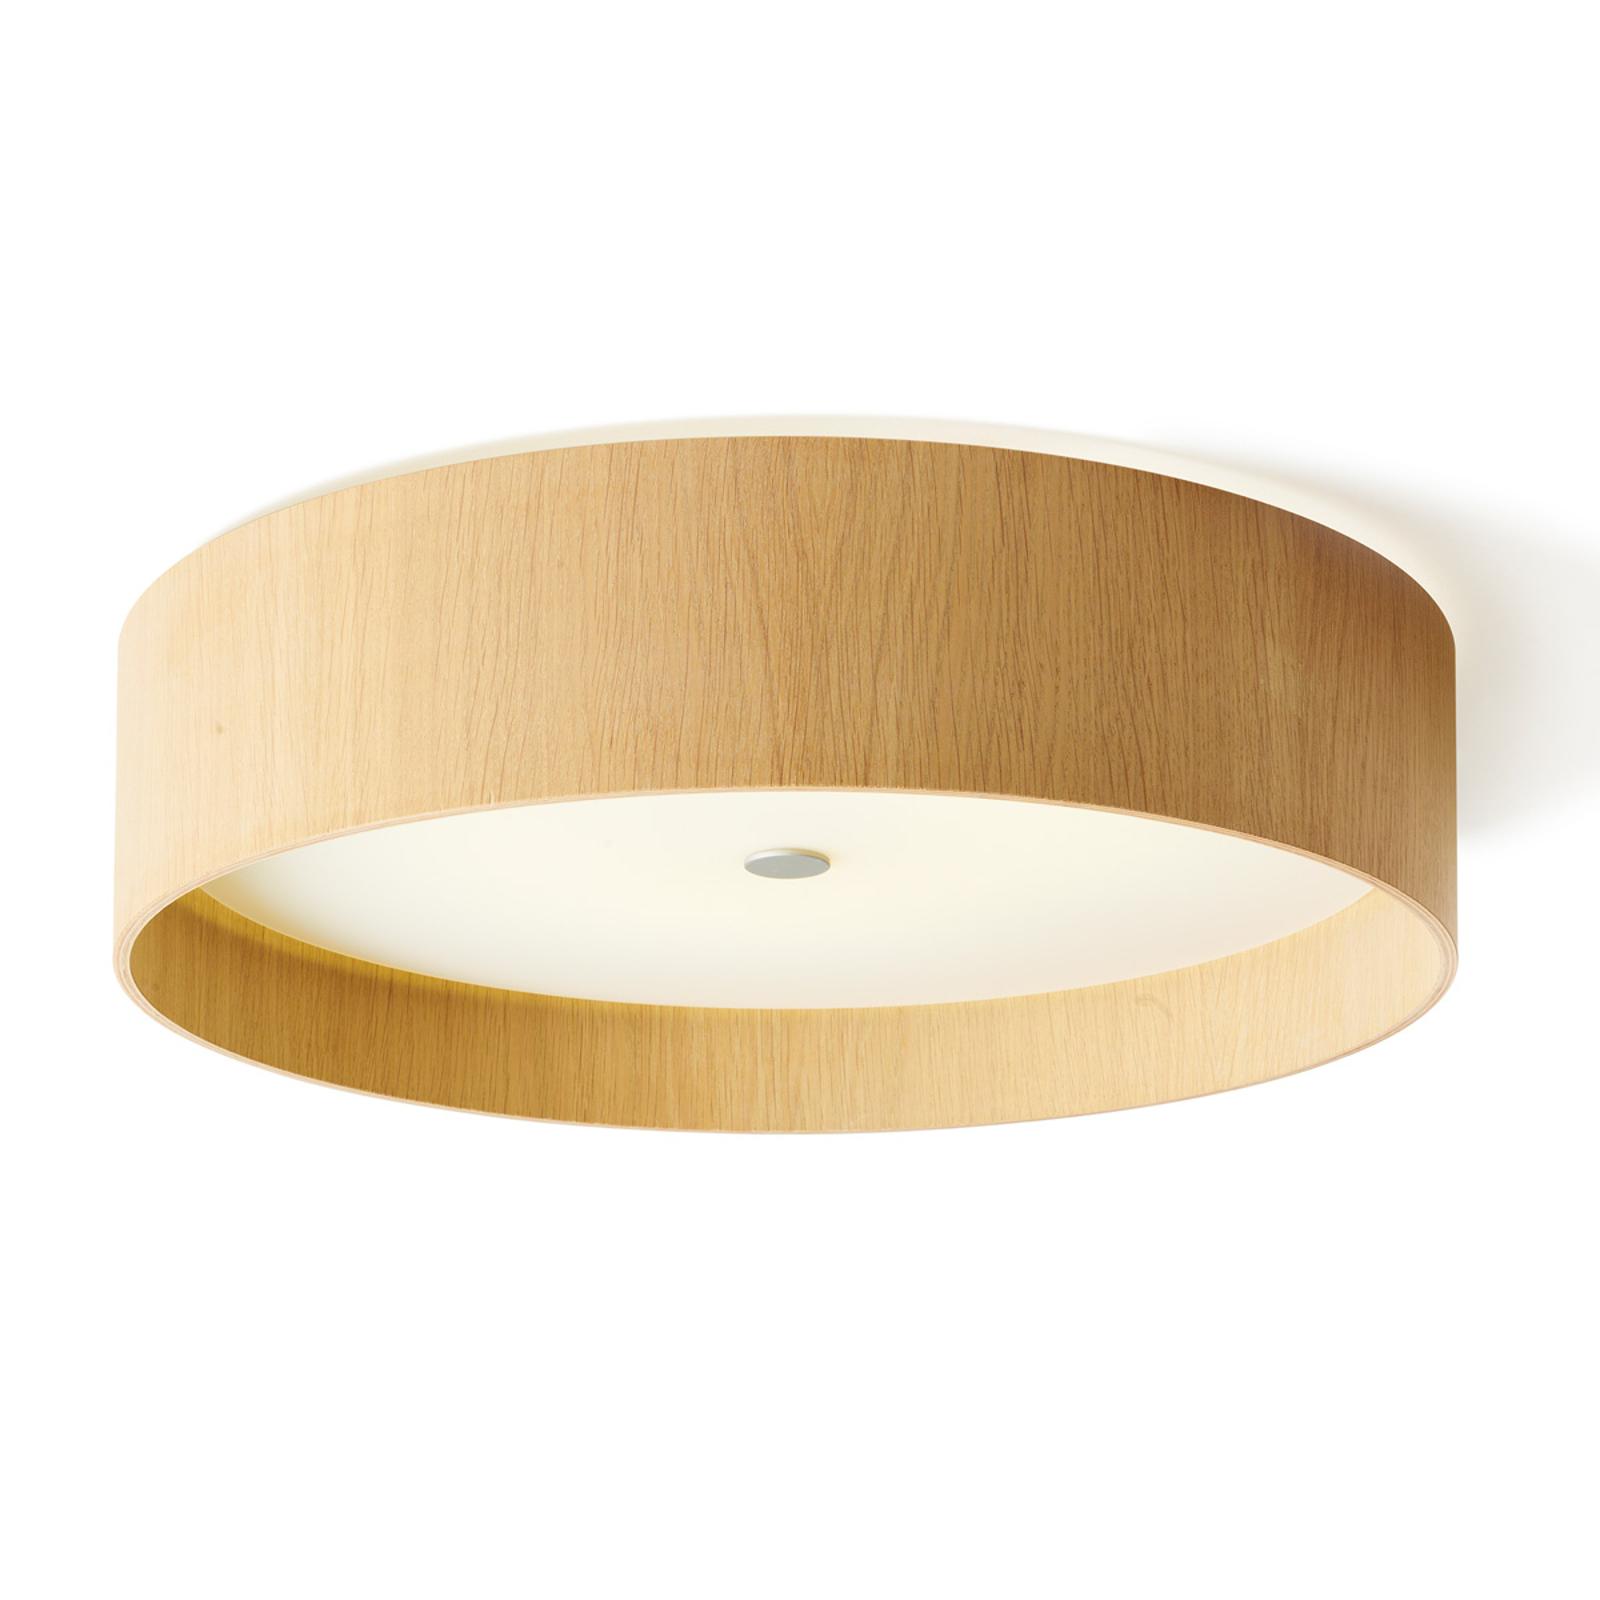 Okrągła lampa sufitowa LED LARAwood z białego dębu